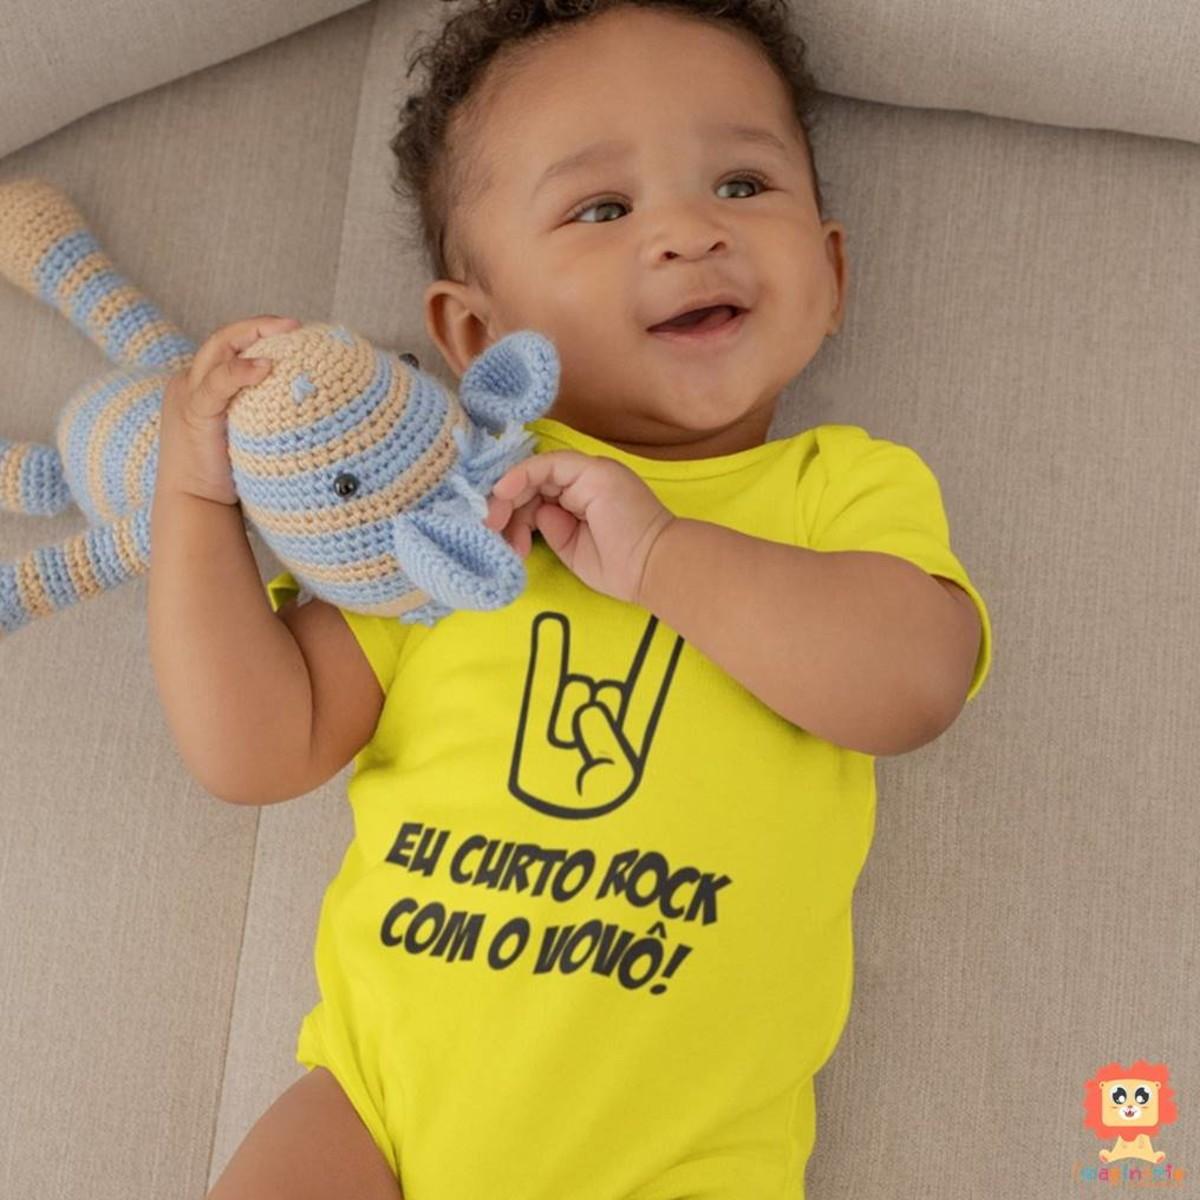 Body ou Camiseta Curto Rock com o Vovô